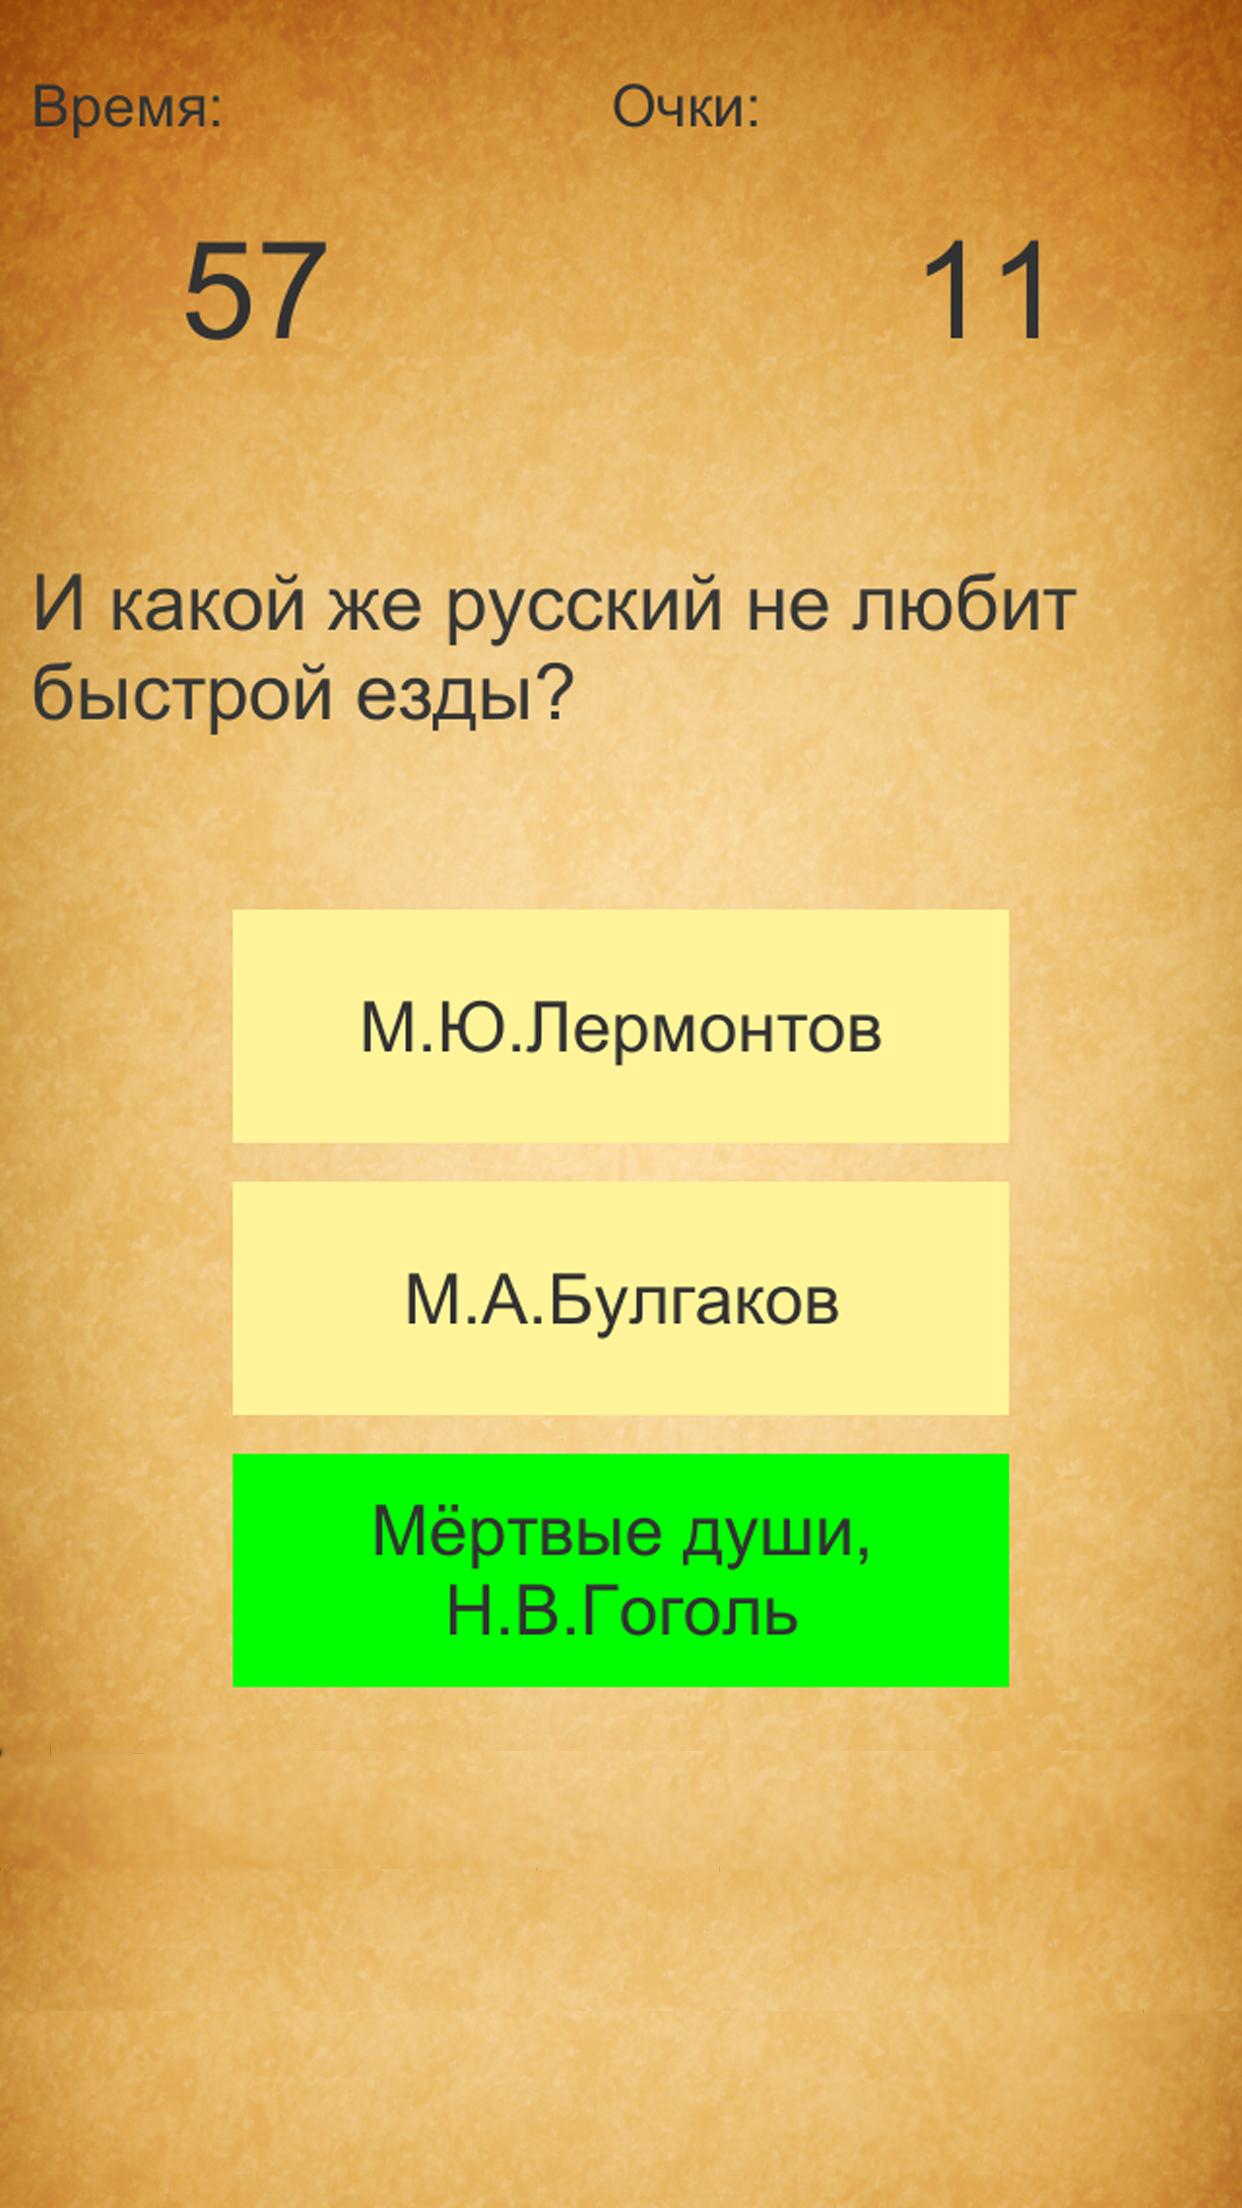 Влияние иконки игры на стоимость привлечения пользователя - 2